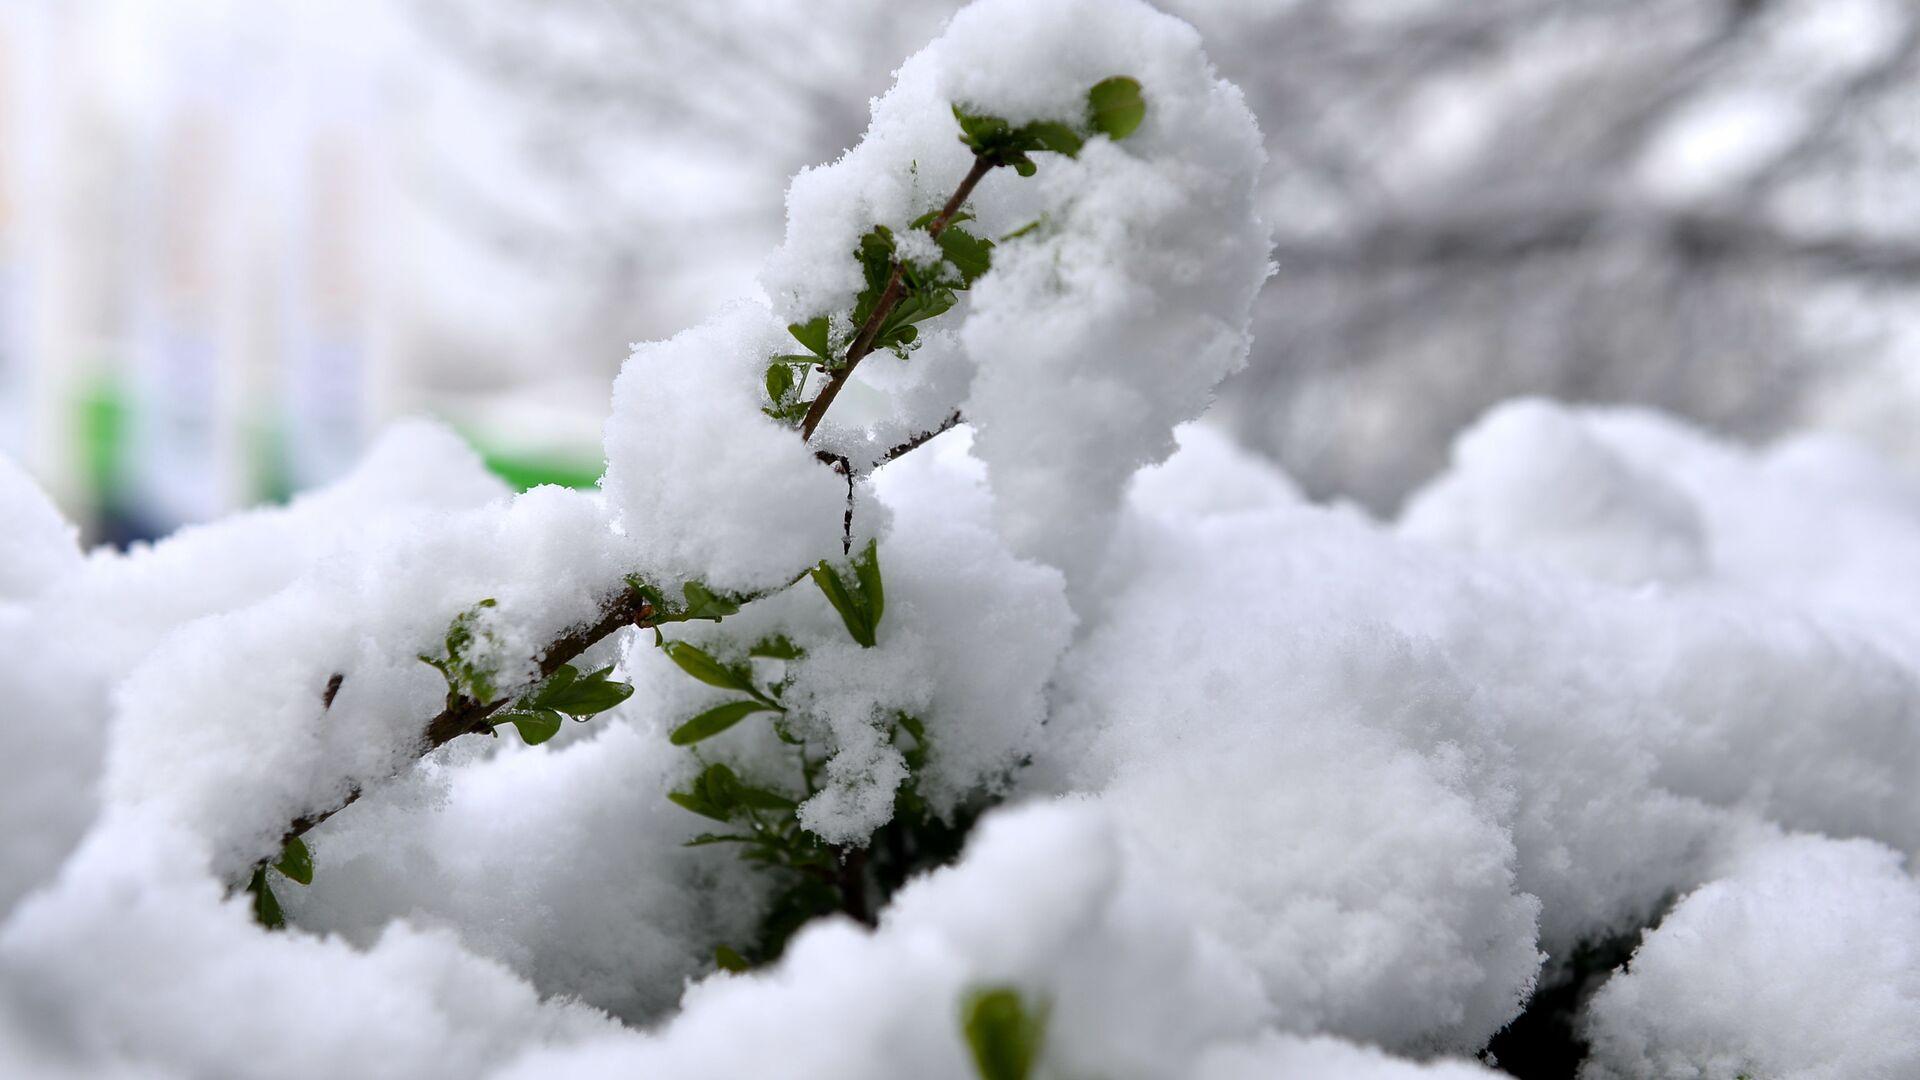 Sneg koji je sinoć počeo da pada širom Srbije osvanuo je danas negde samo na krovovima, drveću i travnjacima, a negde se zabelelo kao usred januara. - Sputnik Srbija, 1920, 29.08.2021